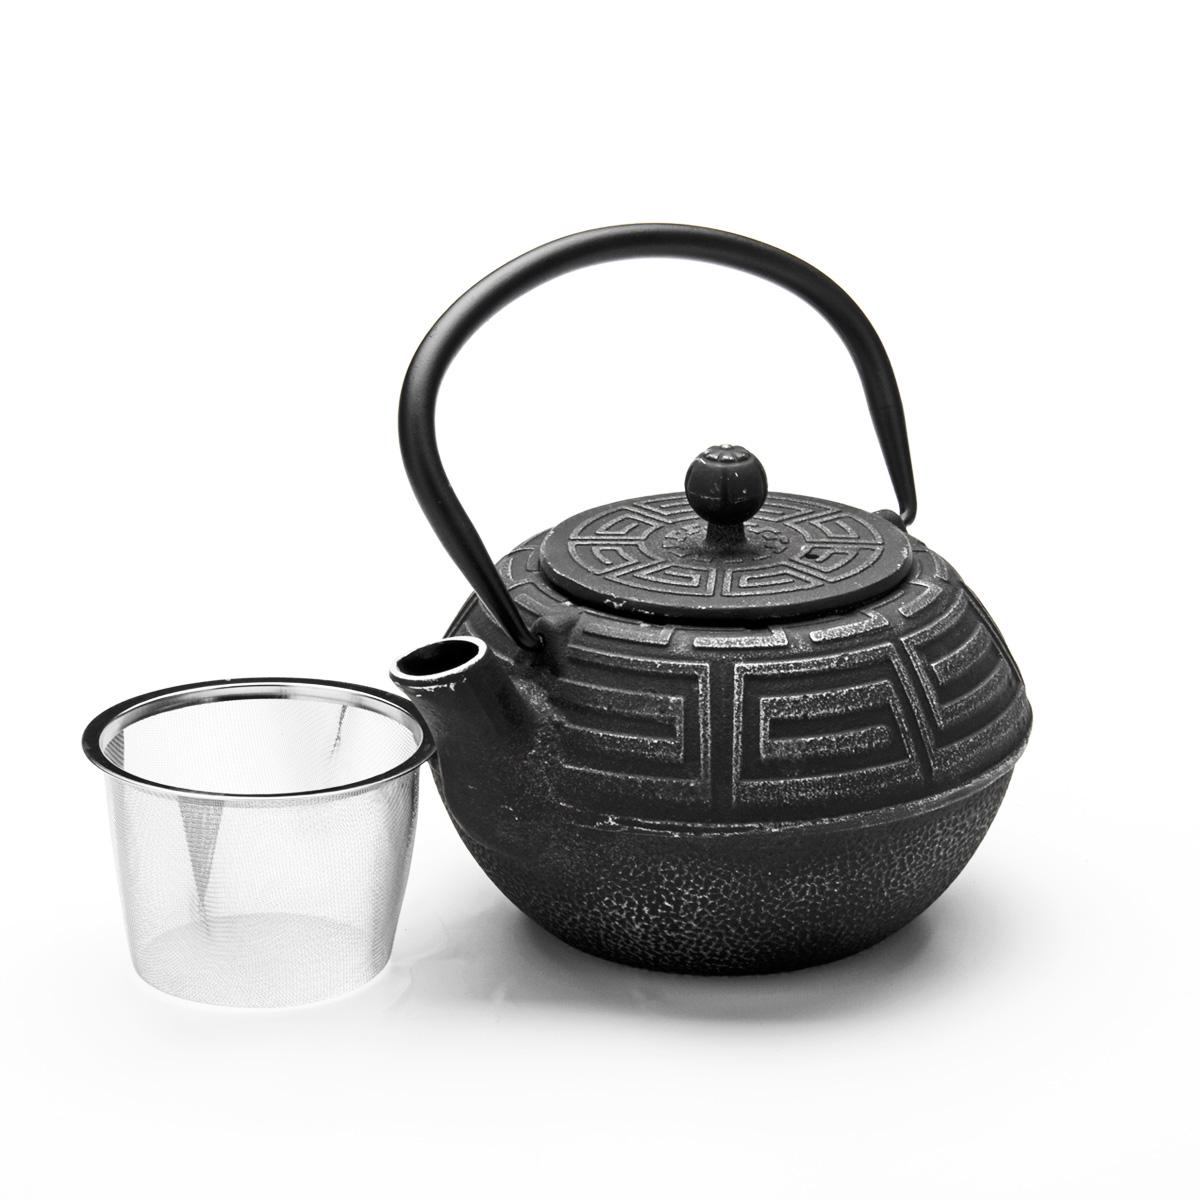 Чайник заварочный Mayer & Boch, чугунный, 1,5 л23697Чайник заварочный Mayer & Boch изготовлен из чугуна, внешние стенки оформлены изысканным рельефом. Чугун равномерно распределяет и сохраняет тепло, чугунный чайник может сохранить температуру чая до часа. Кремнийорганический термостойкий лак предотвращает появление ржавчины. Чайник оснащен прочной подвижной ручкой и съемным ситечком из нержавеющей стали. Чайник прекрасно подходит для сервировки стола.Диаметр чайника (по верхнему краю): 8,3 см. Высота стенки (без учета ручки): 9,5 см. Высота (с учетом ручки): 18 см. Высота ситечка: 6 см.